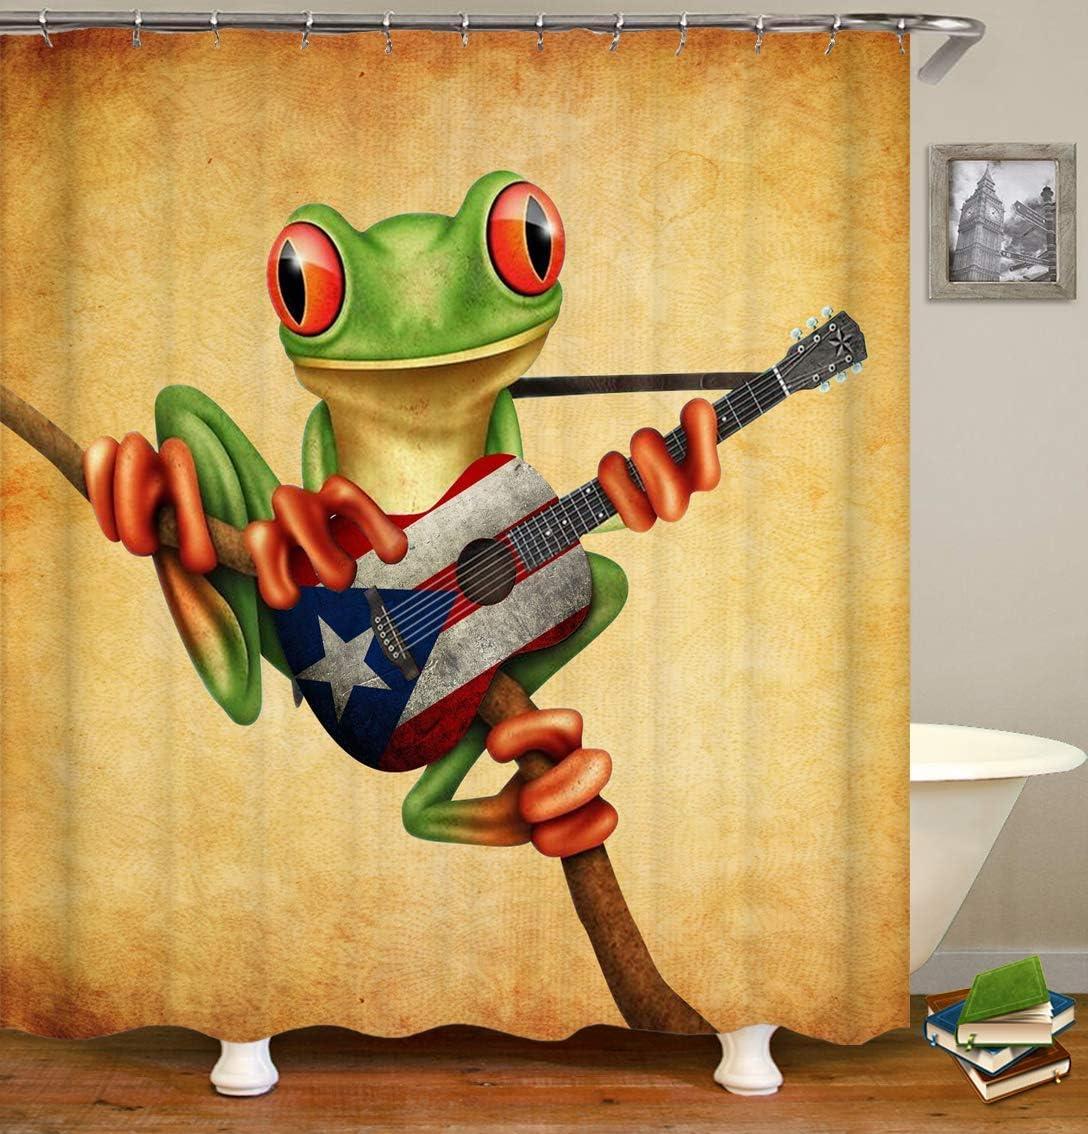 dsgrdhrty Rana Verde de Dibujos Animados y Guitarra de Rock sobre ...